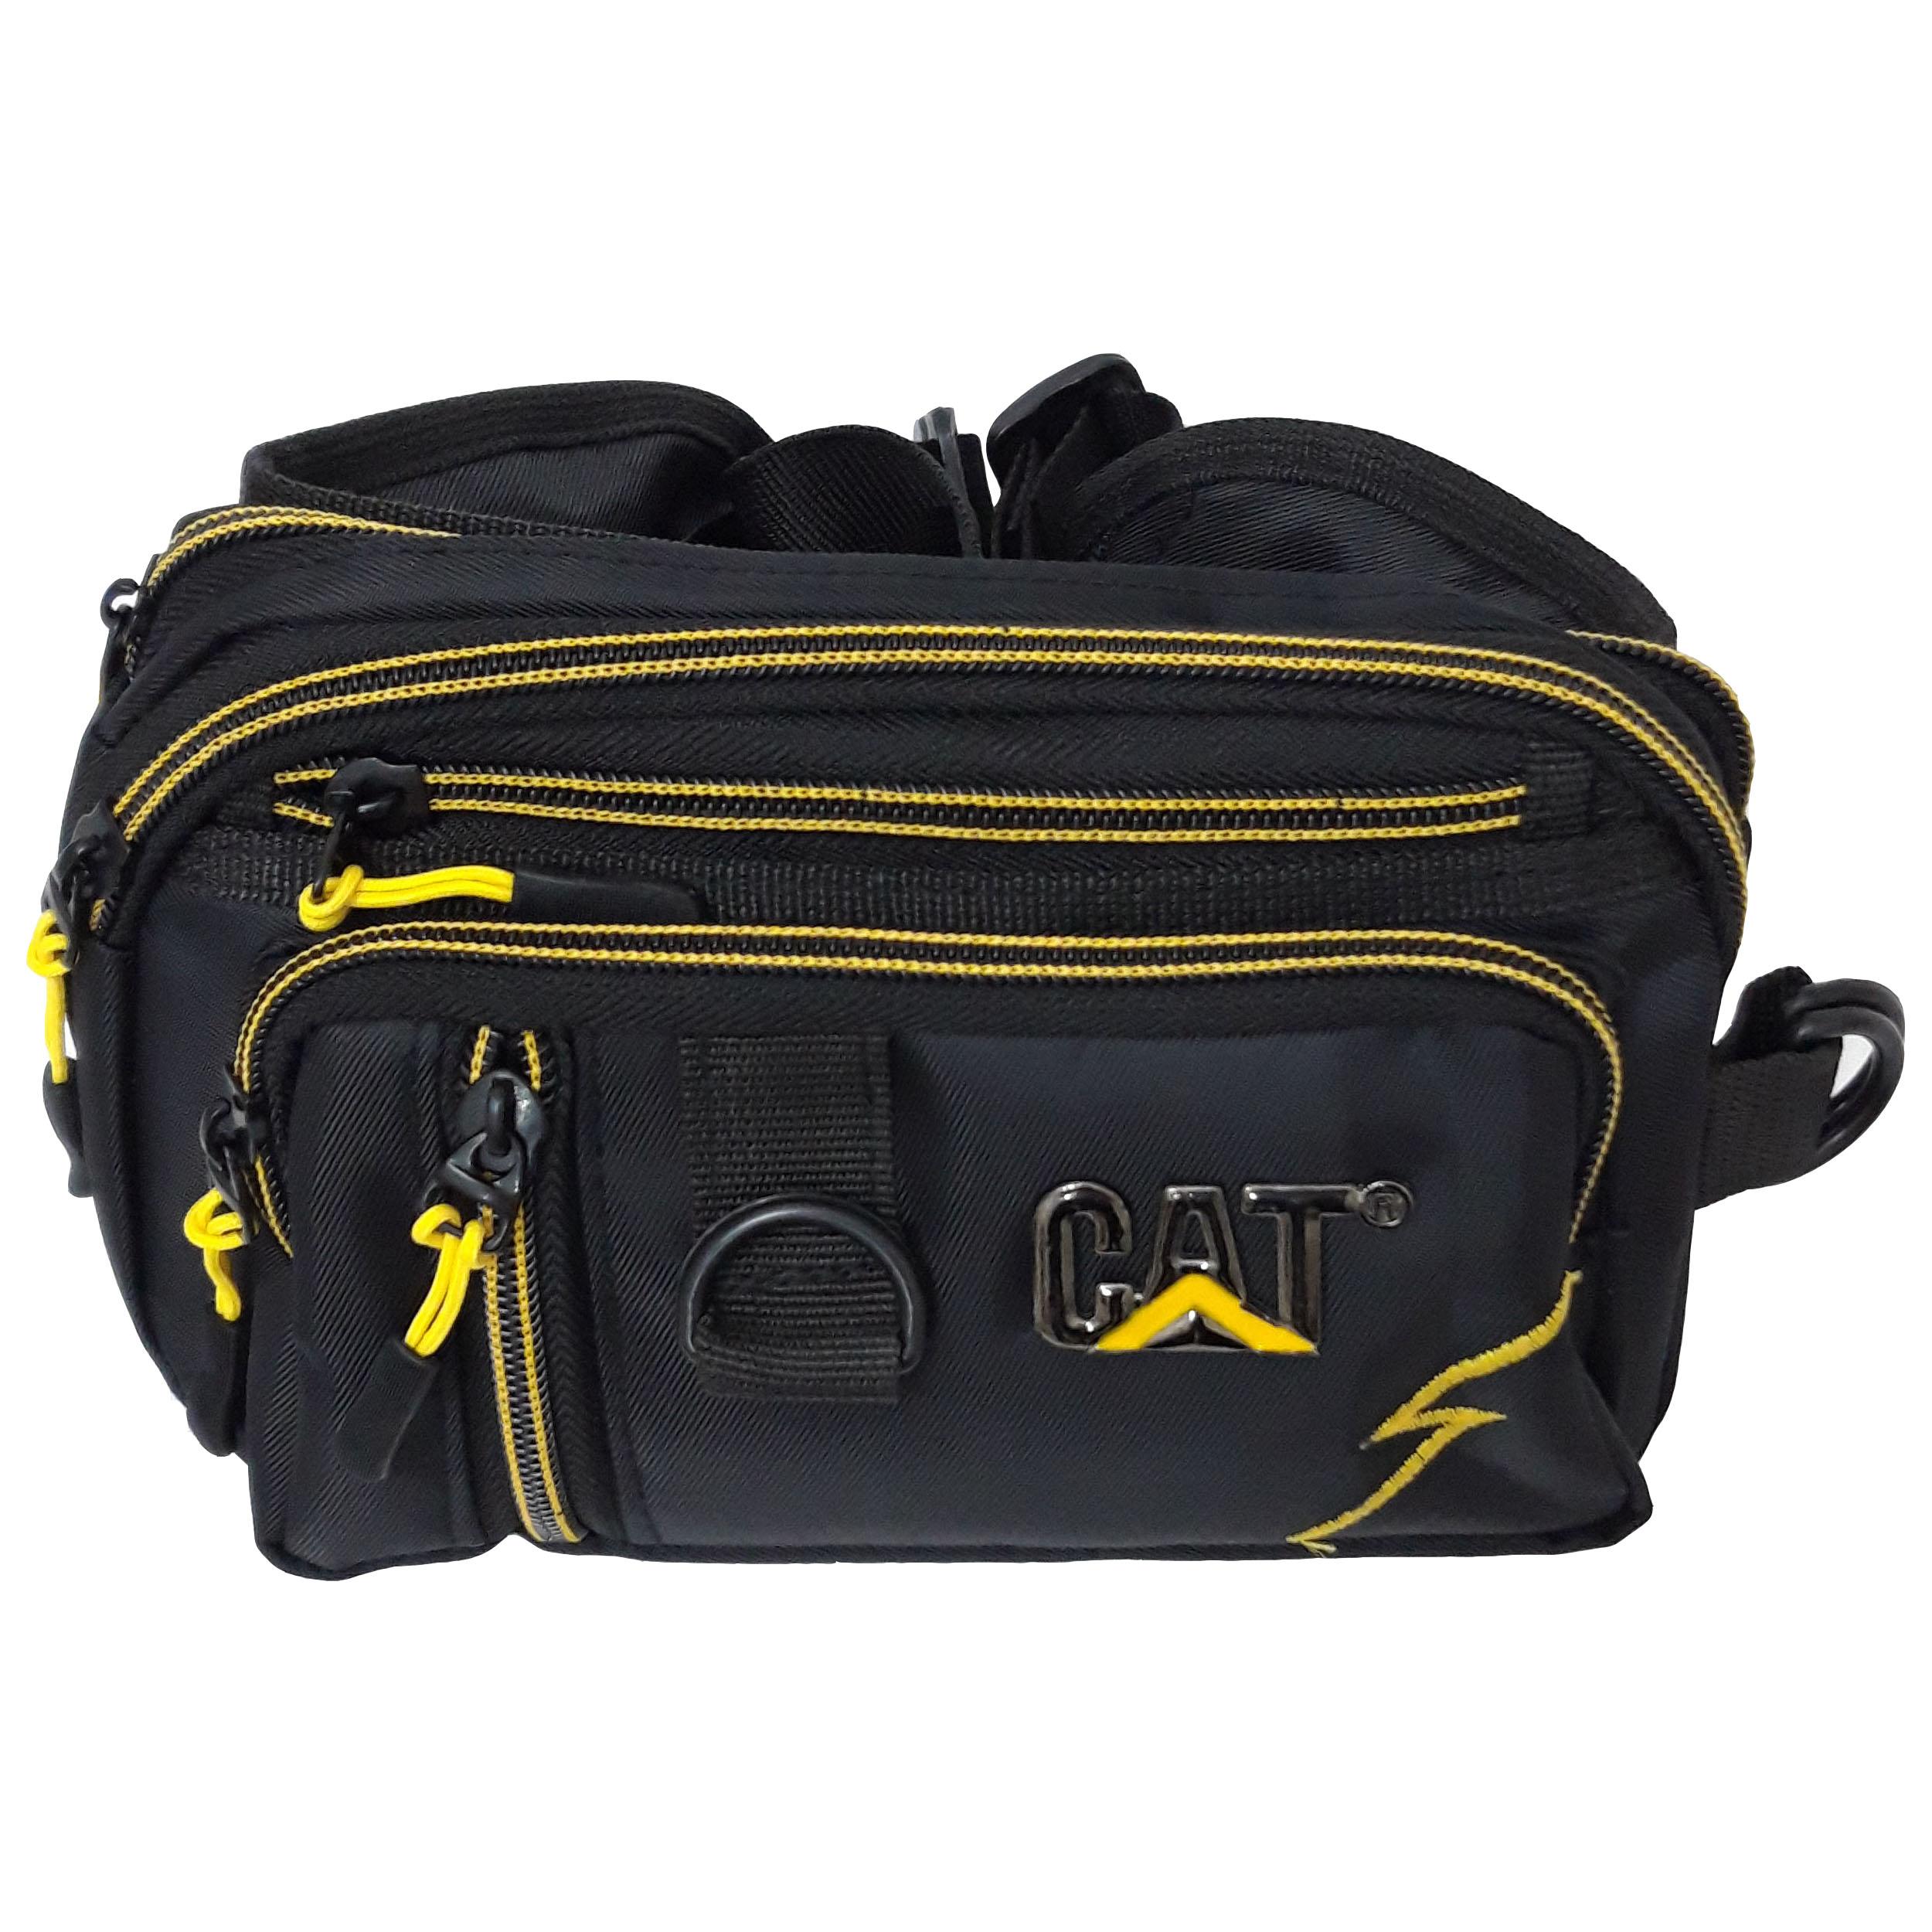 خرید                                     کیف کمری مدل T9 R5                     غیر اصل